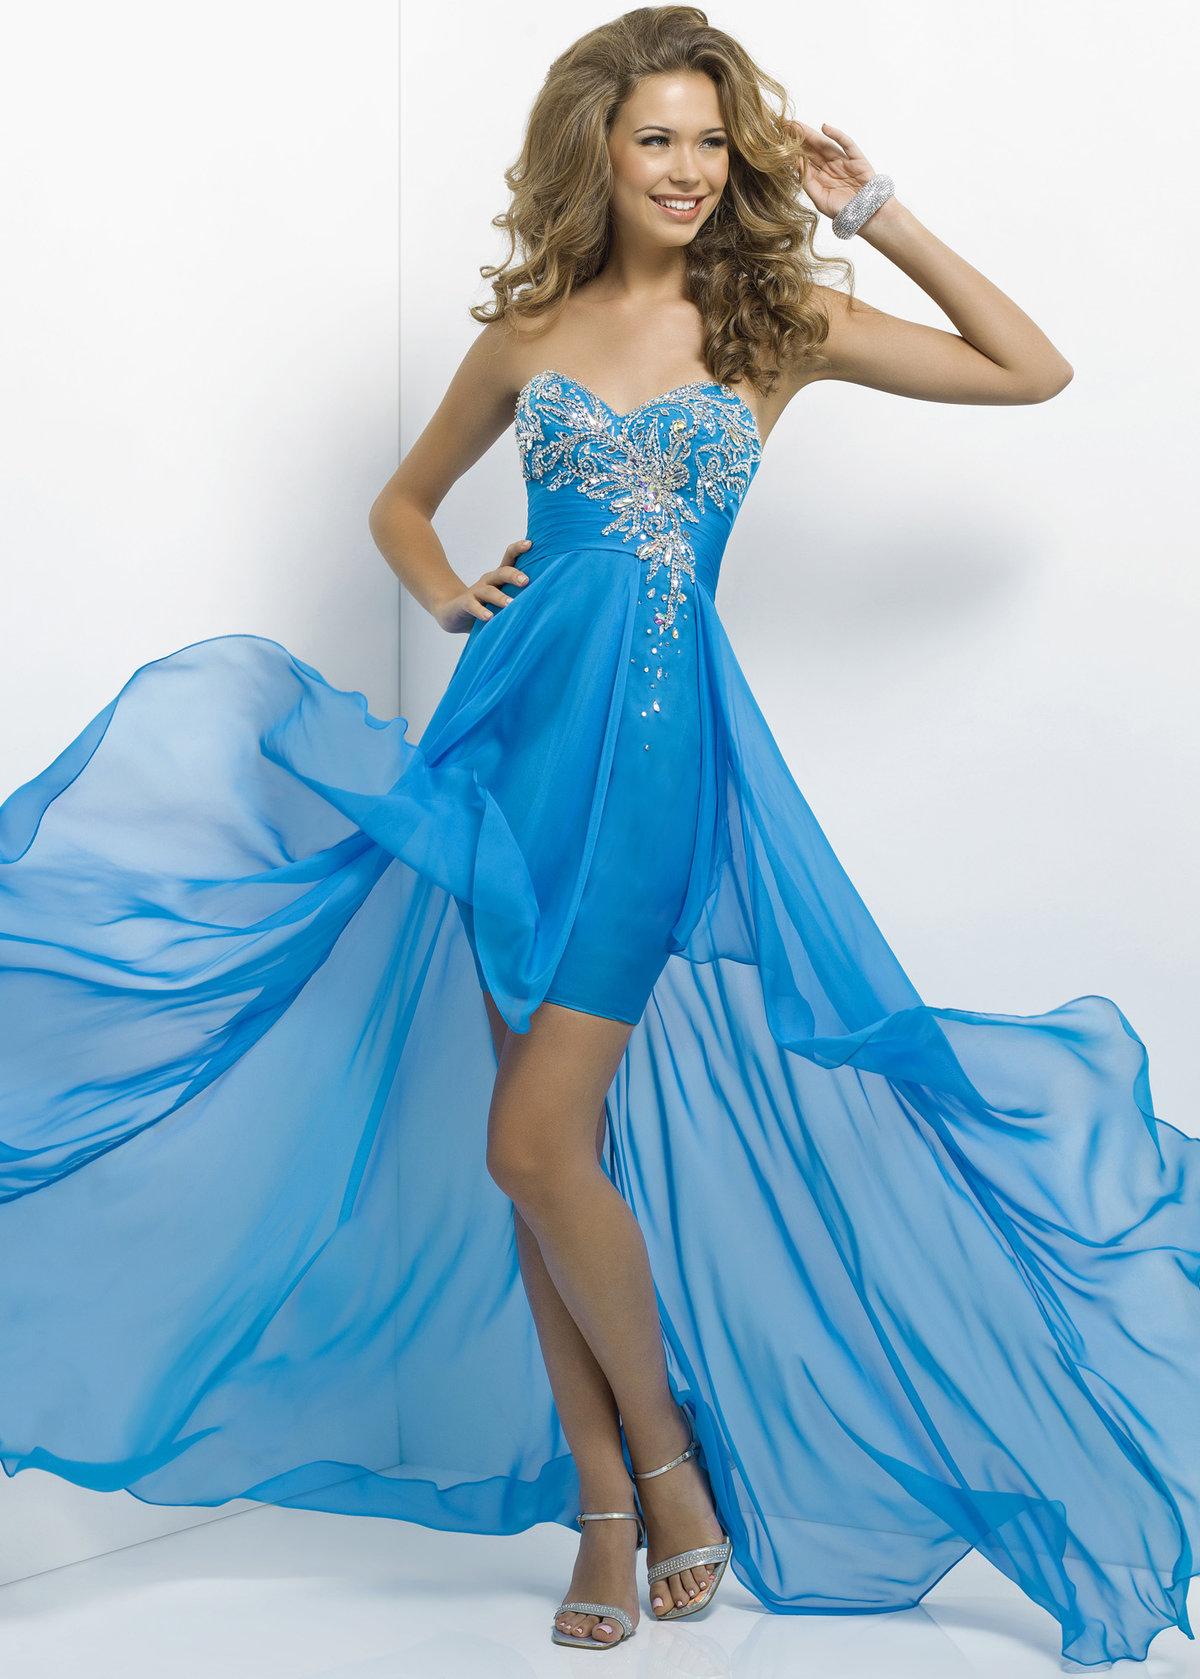 Картинки красивых голубых платьев